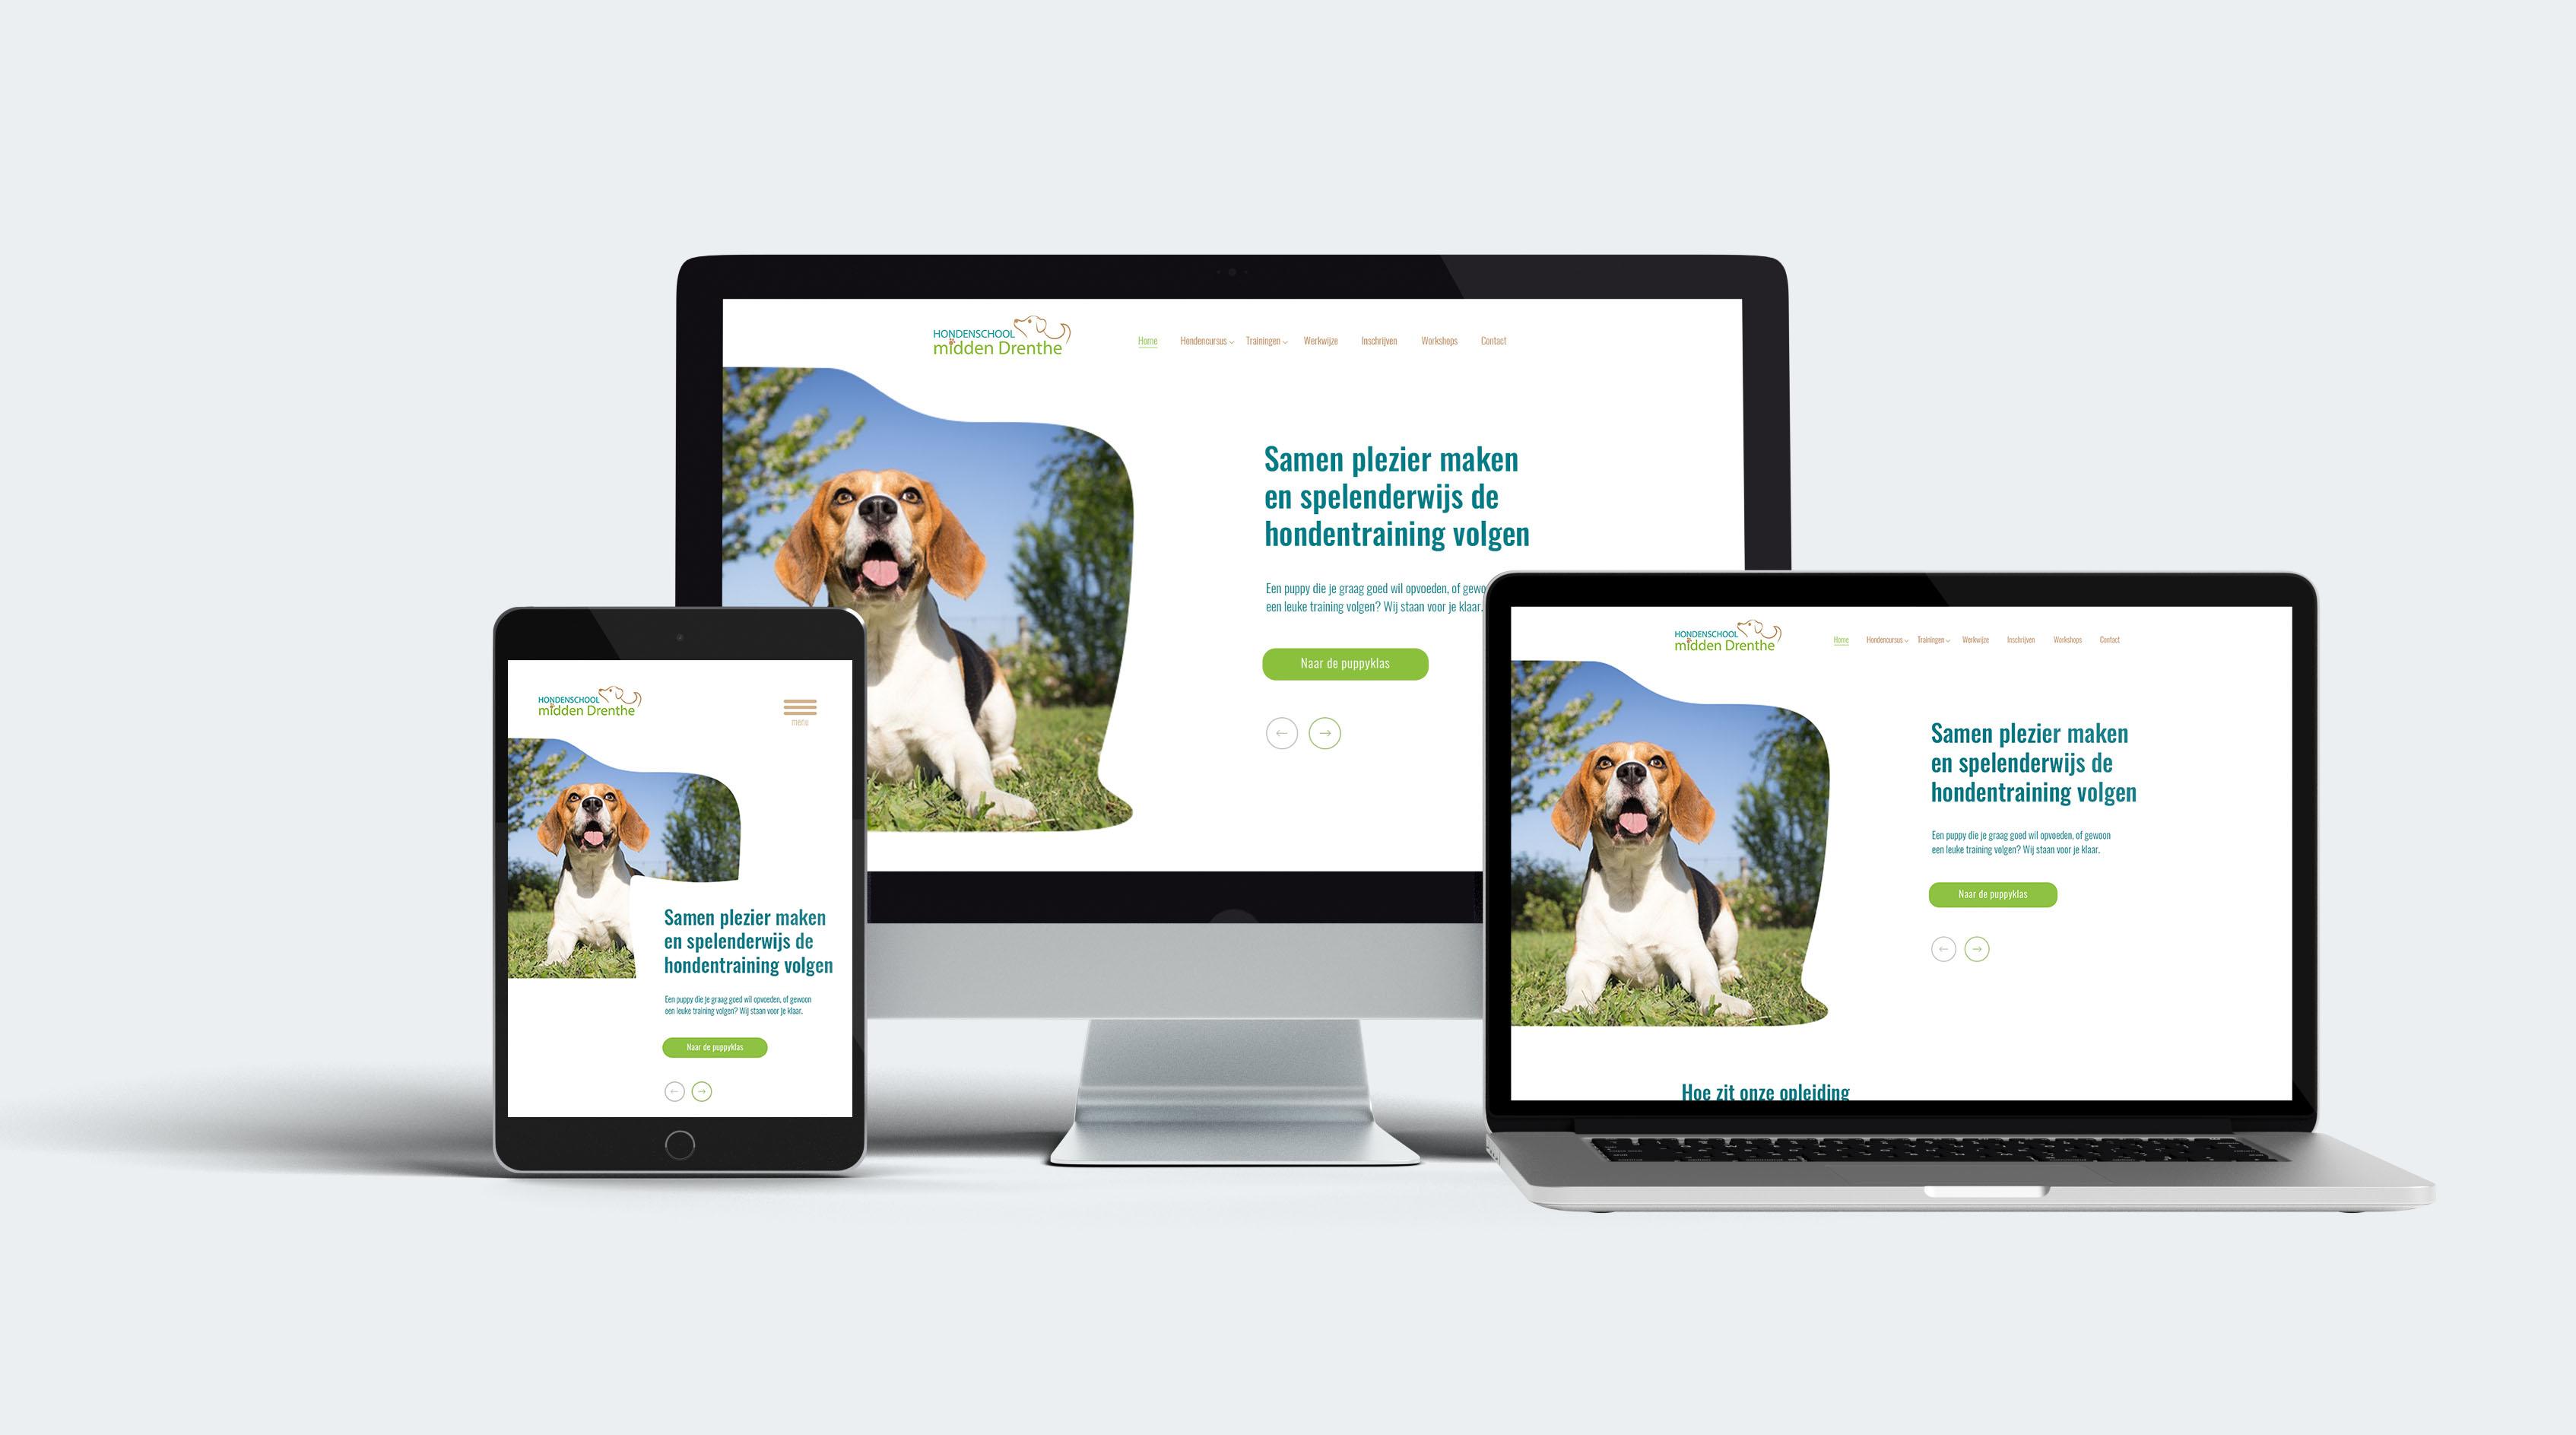 Hondenschool Midden Drenthe